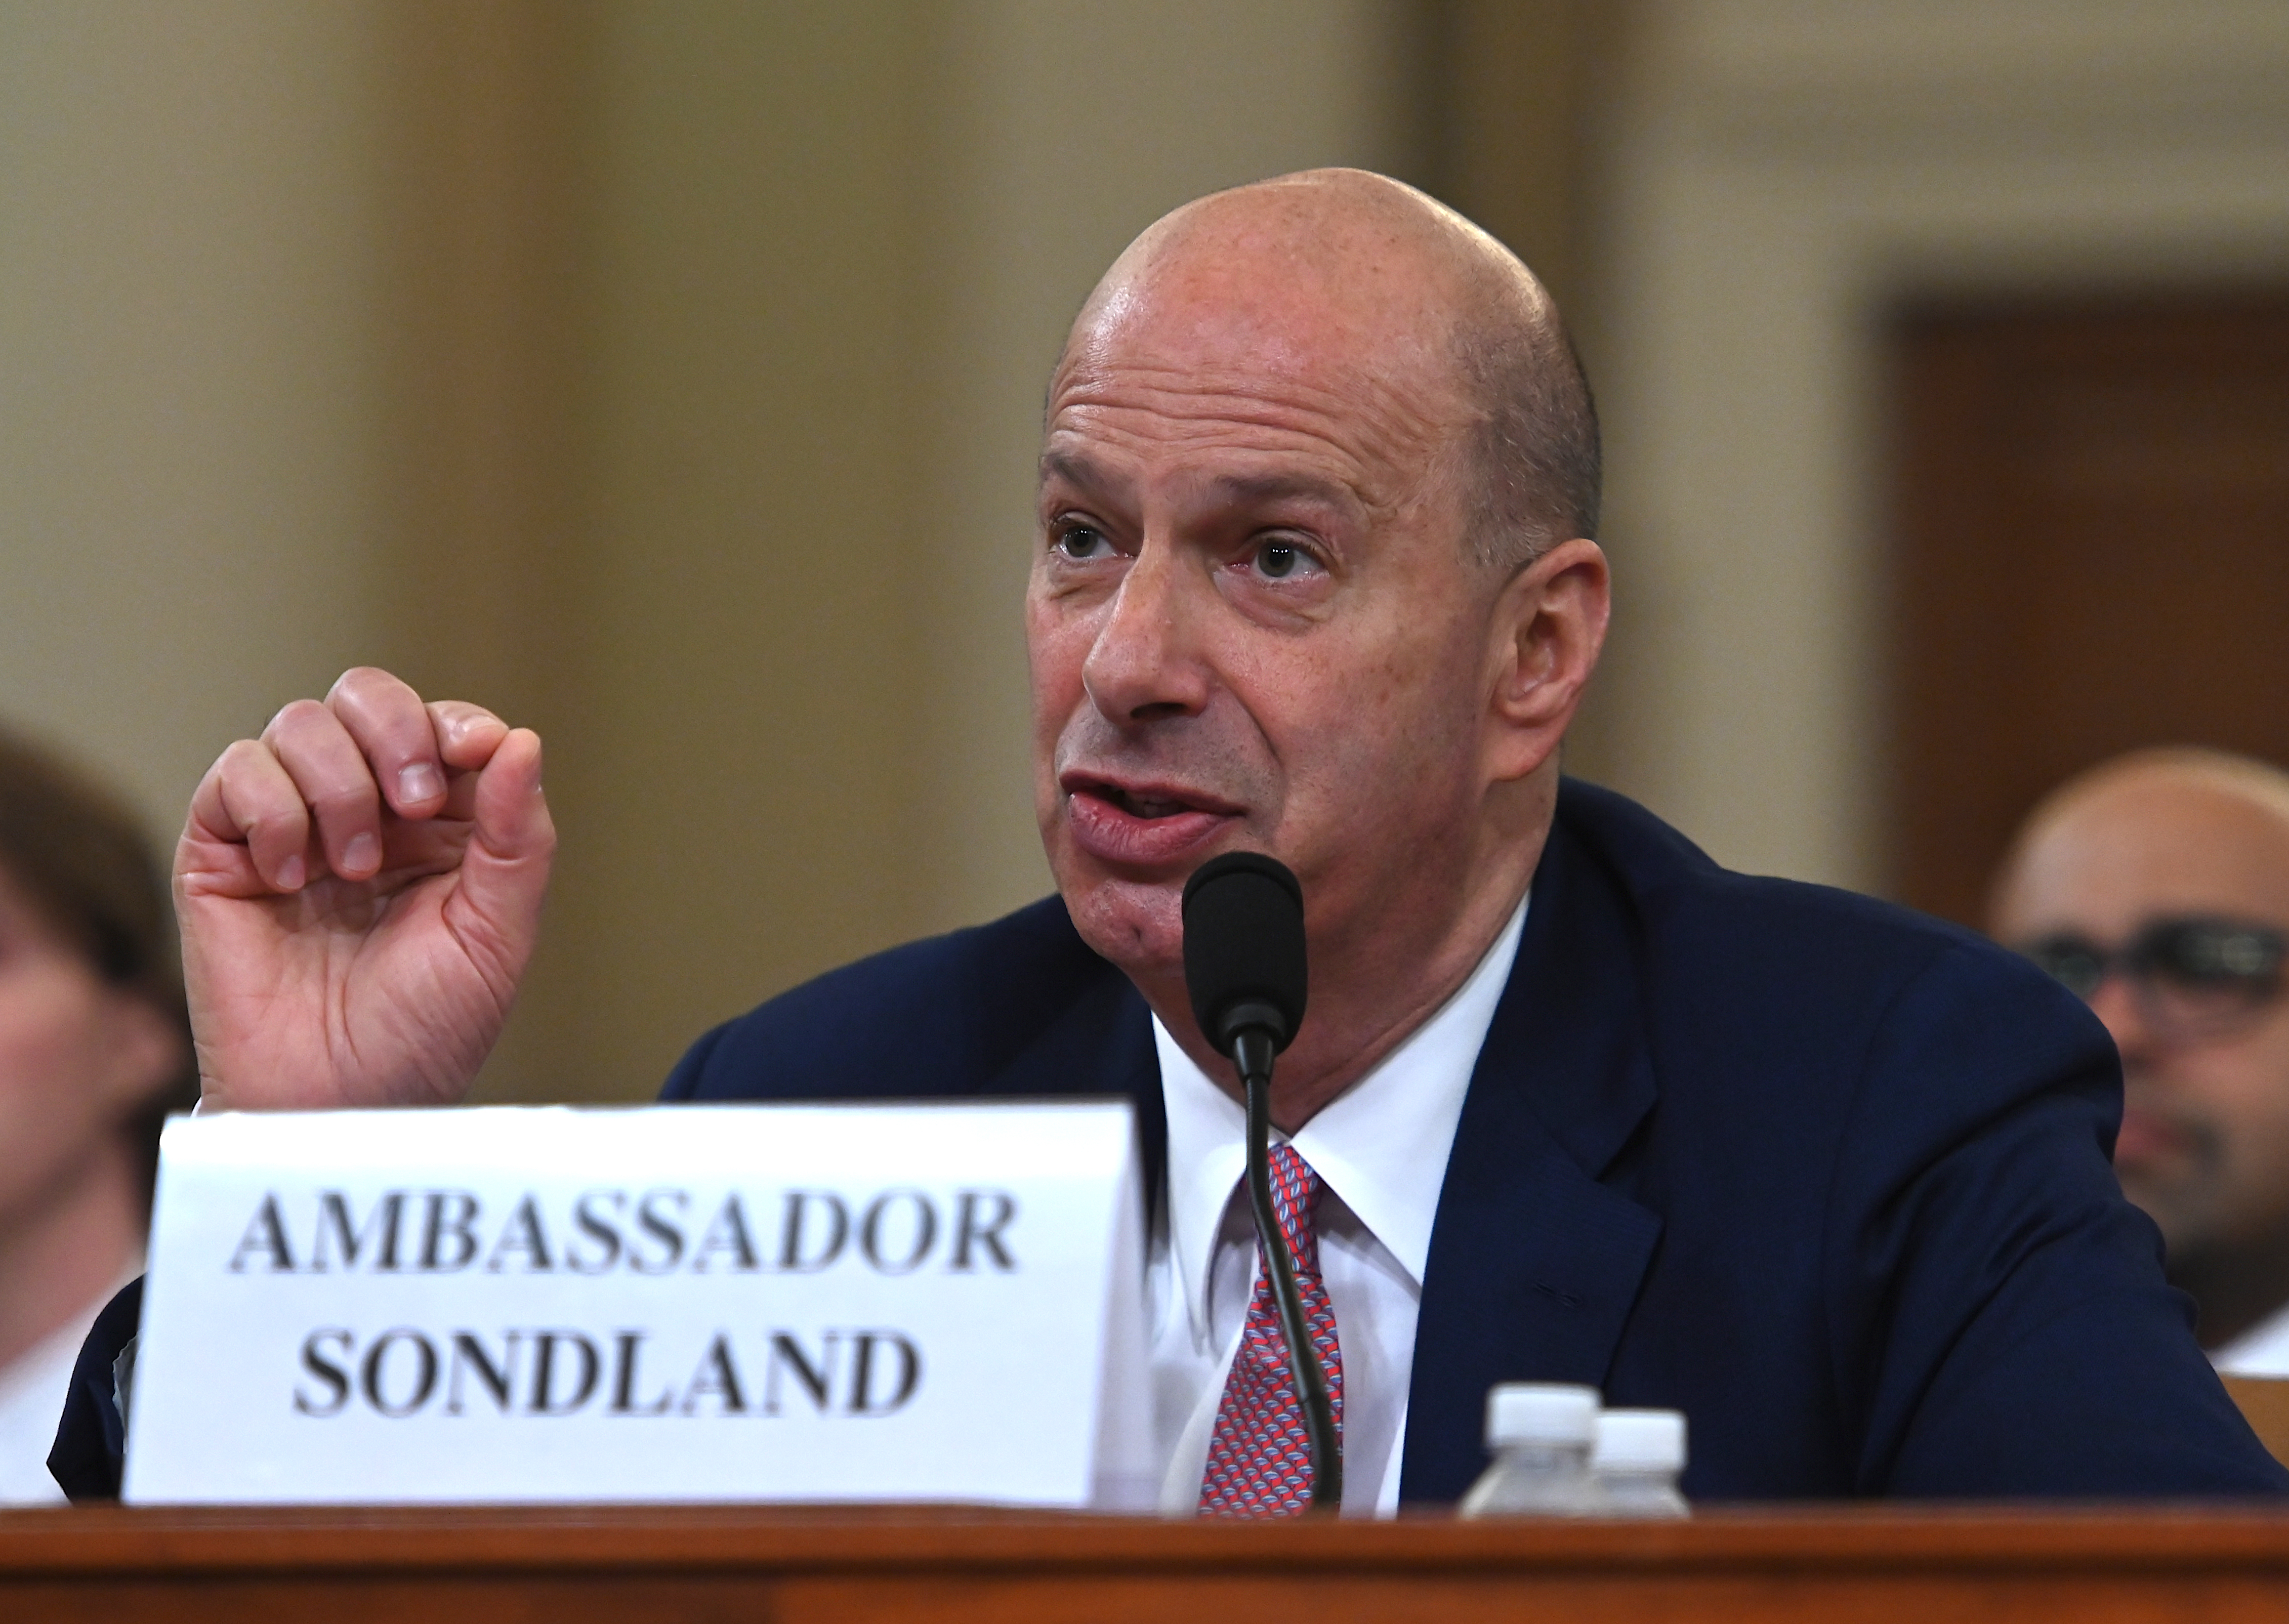 Sondland: Giuliani kérte, hogy a katonai segély fejében Kijev indítson vizsgálatot Biden és fia ellen